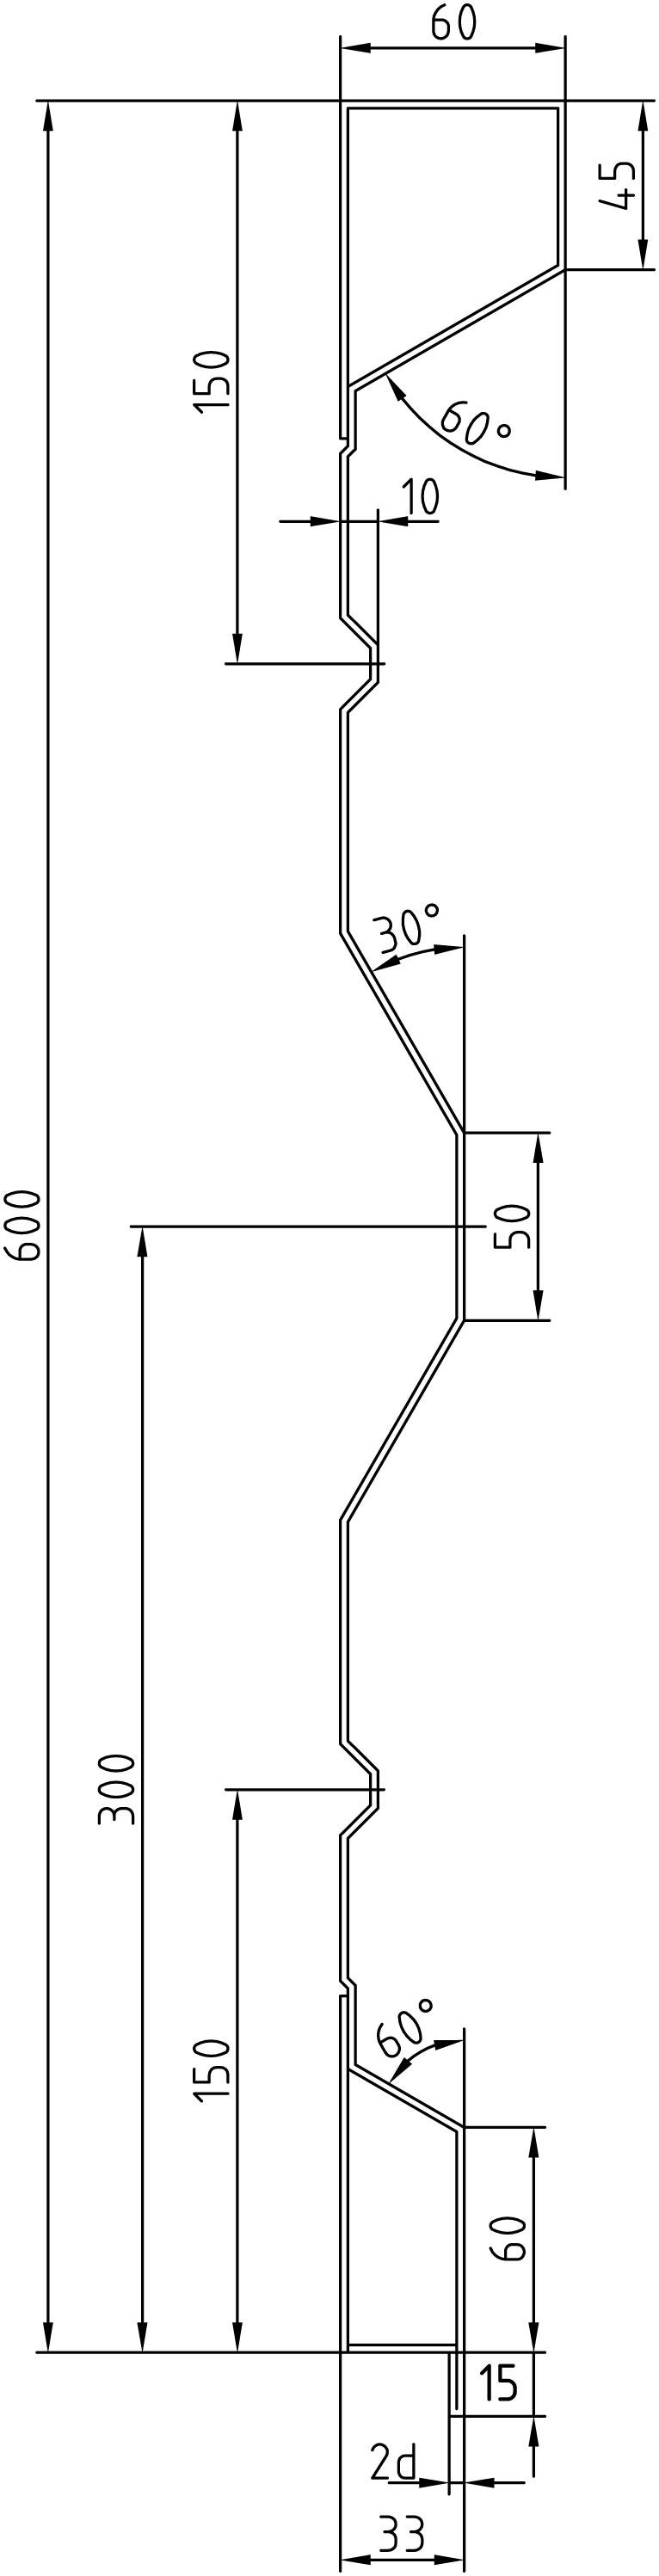 Brantner Kipper und Anhänger - 600x2,5x6008 BW samt EL ohne PW- Bolzen